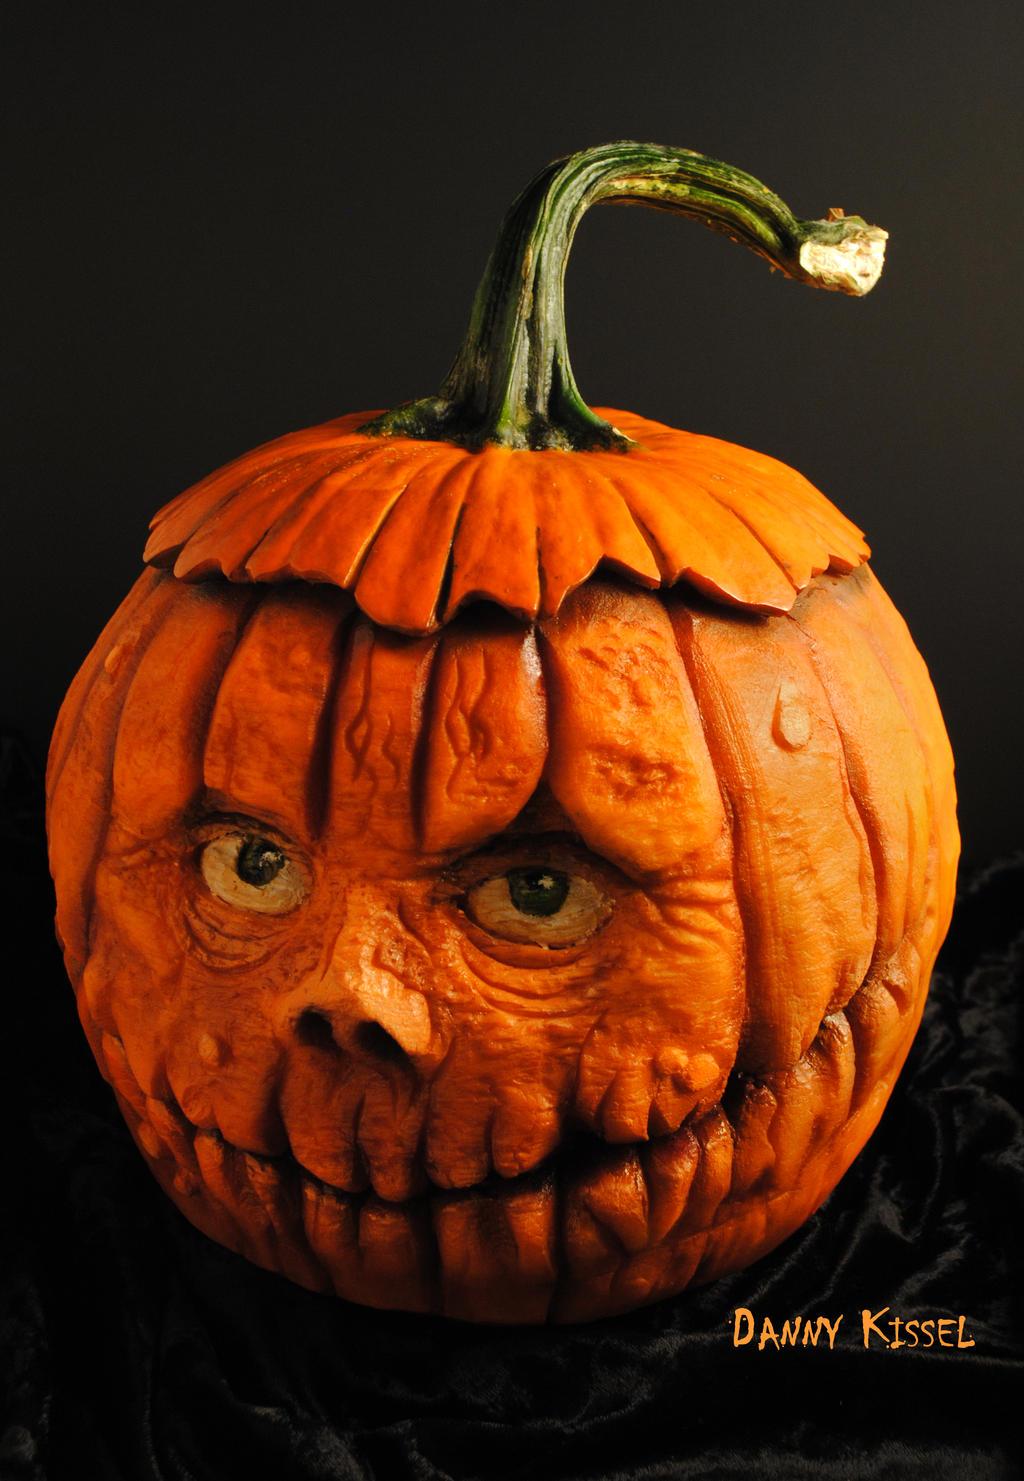 Pumpkin head by kissel on deviantart